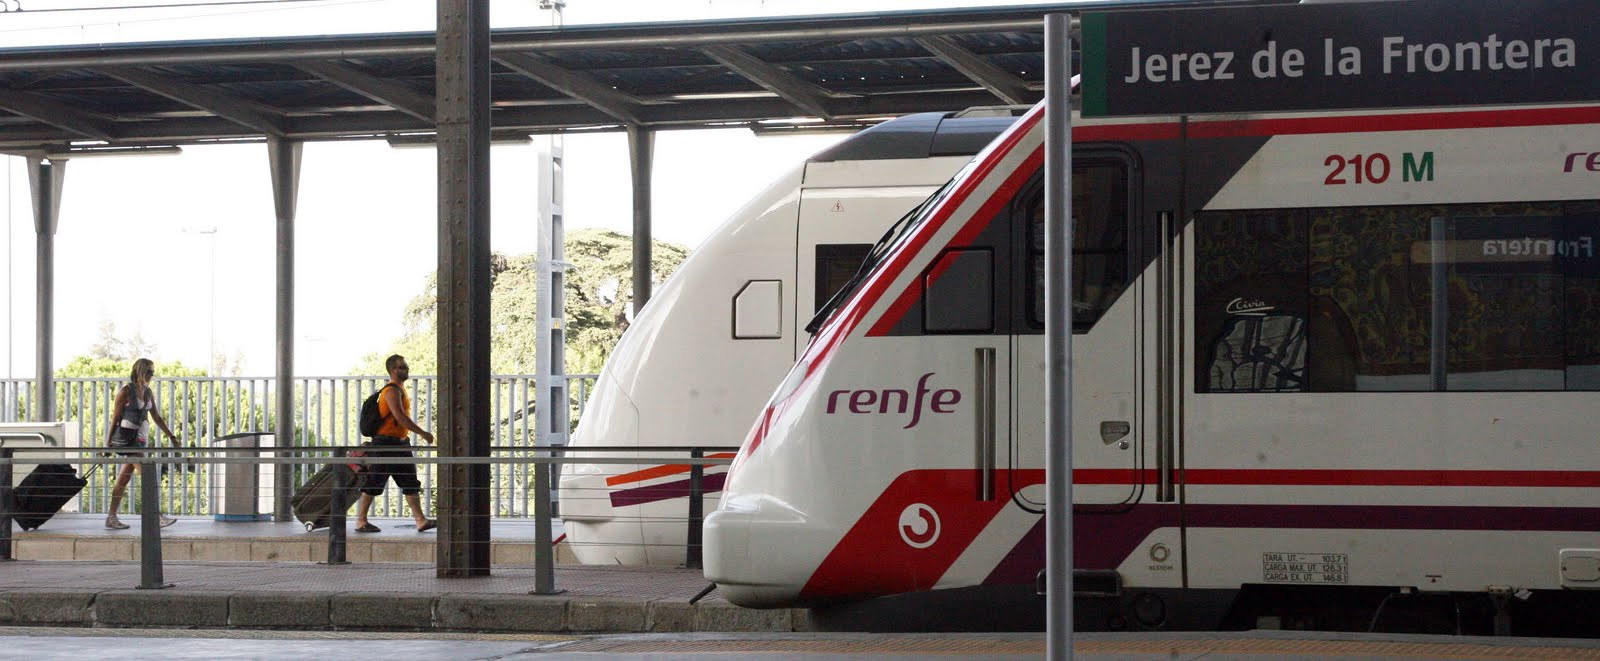 Mas De 1 2 Millones De Viajeros Pasaron Por La Estacion De Trenes De